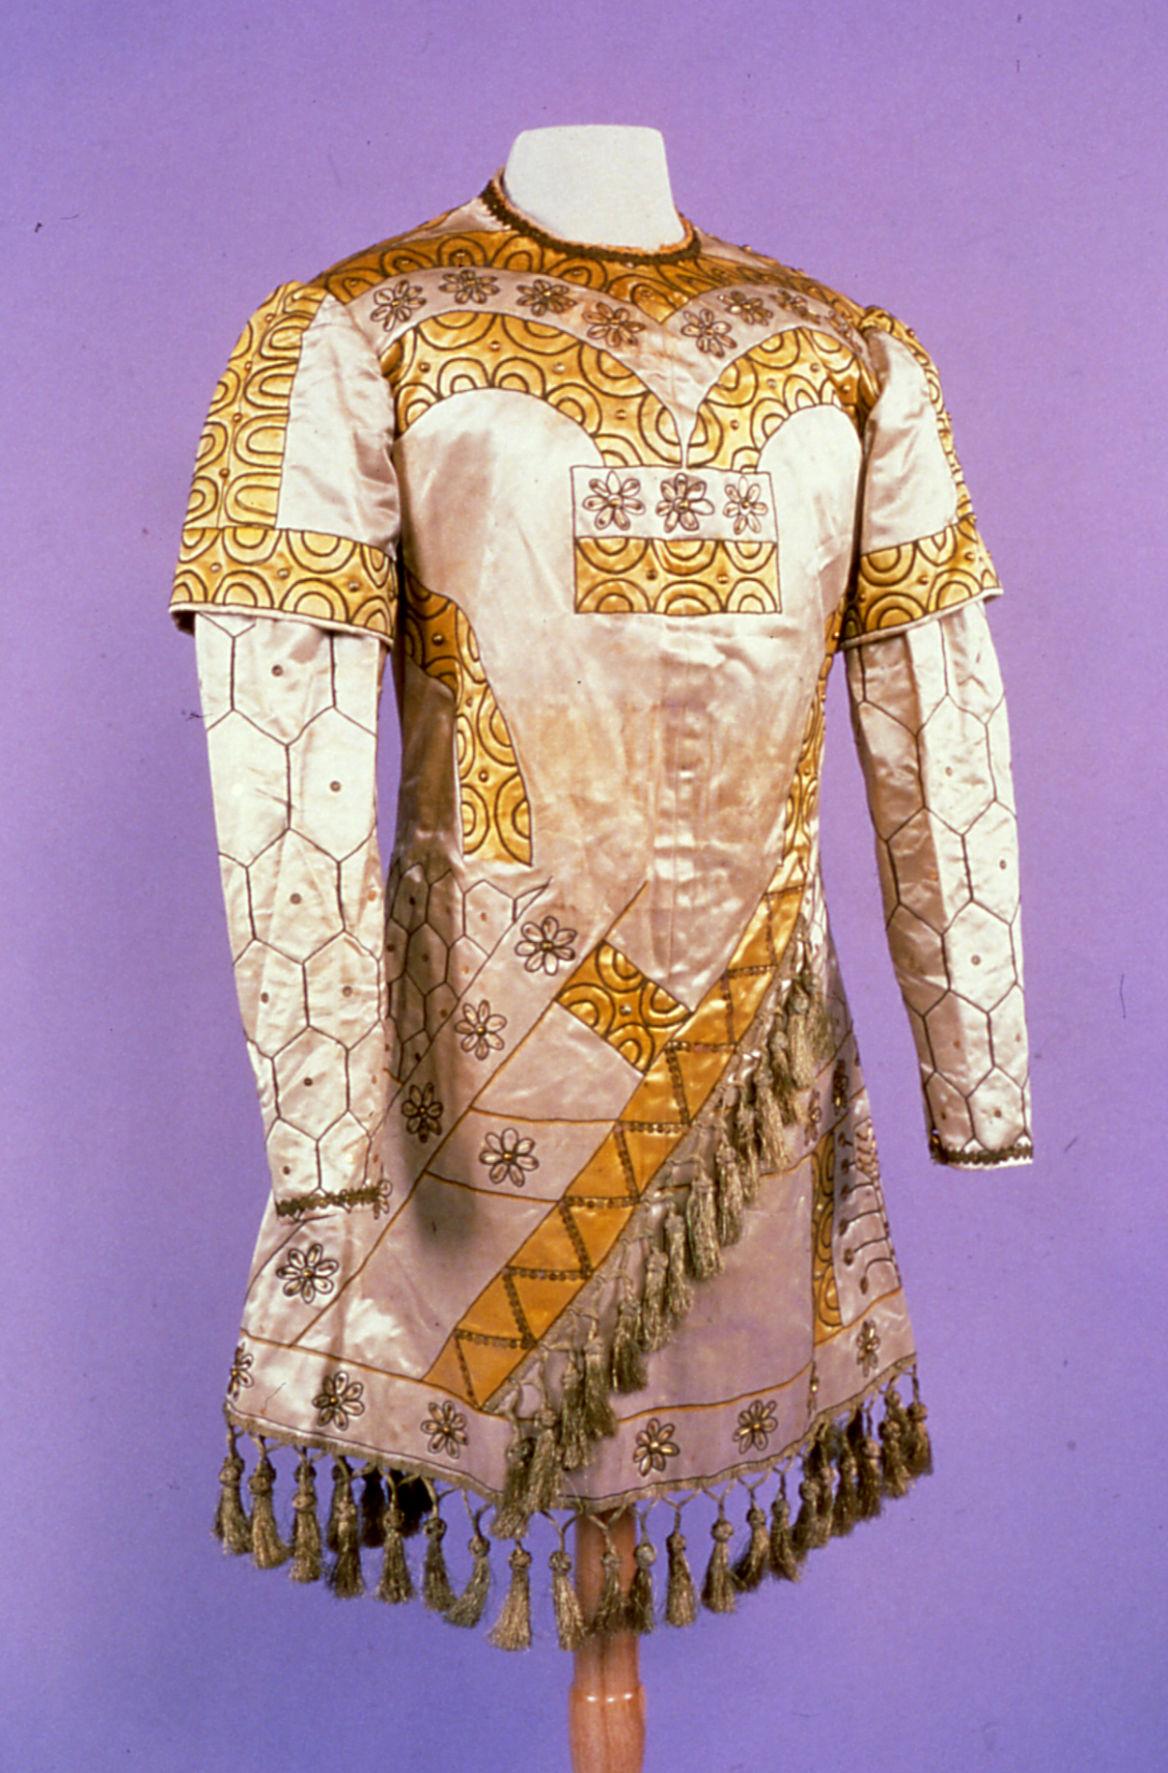 Mithras tunic